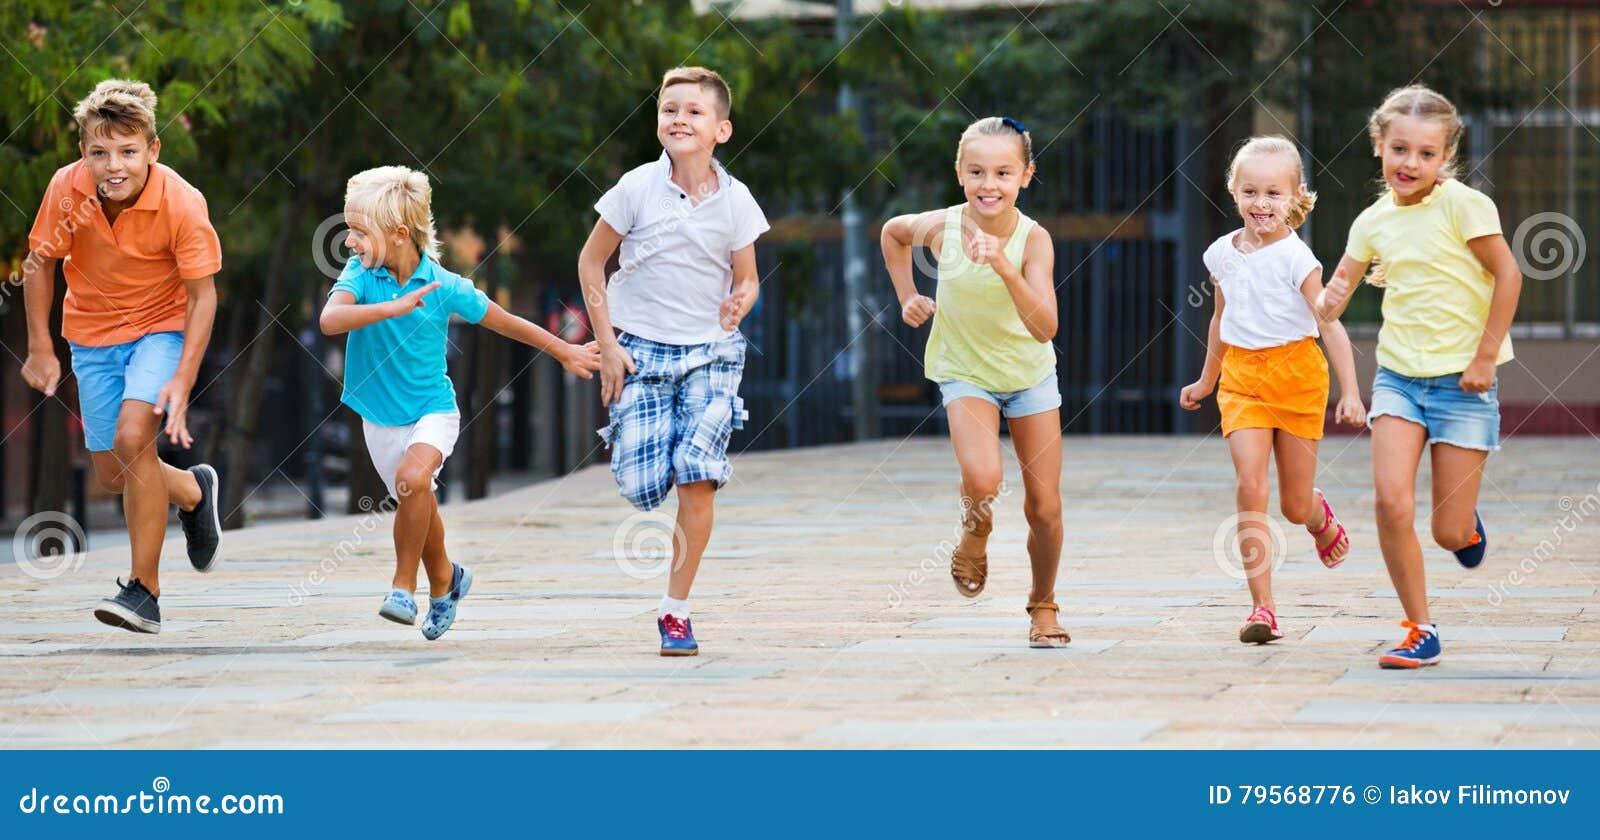 Grupa dzieci biega outdoors w miasto ulicie